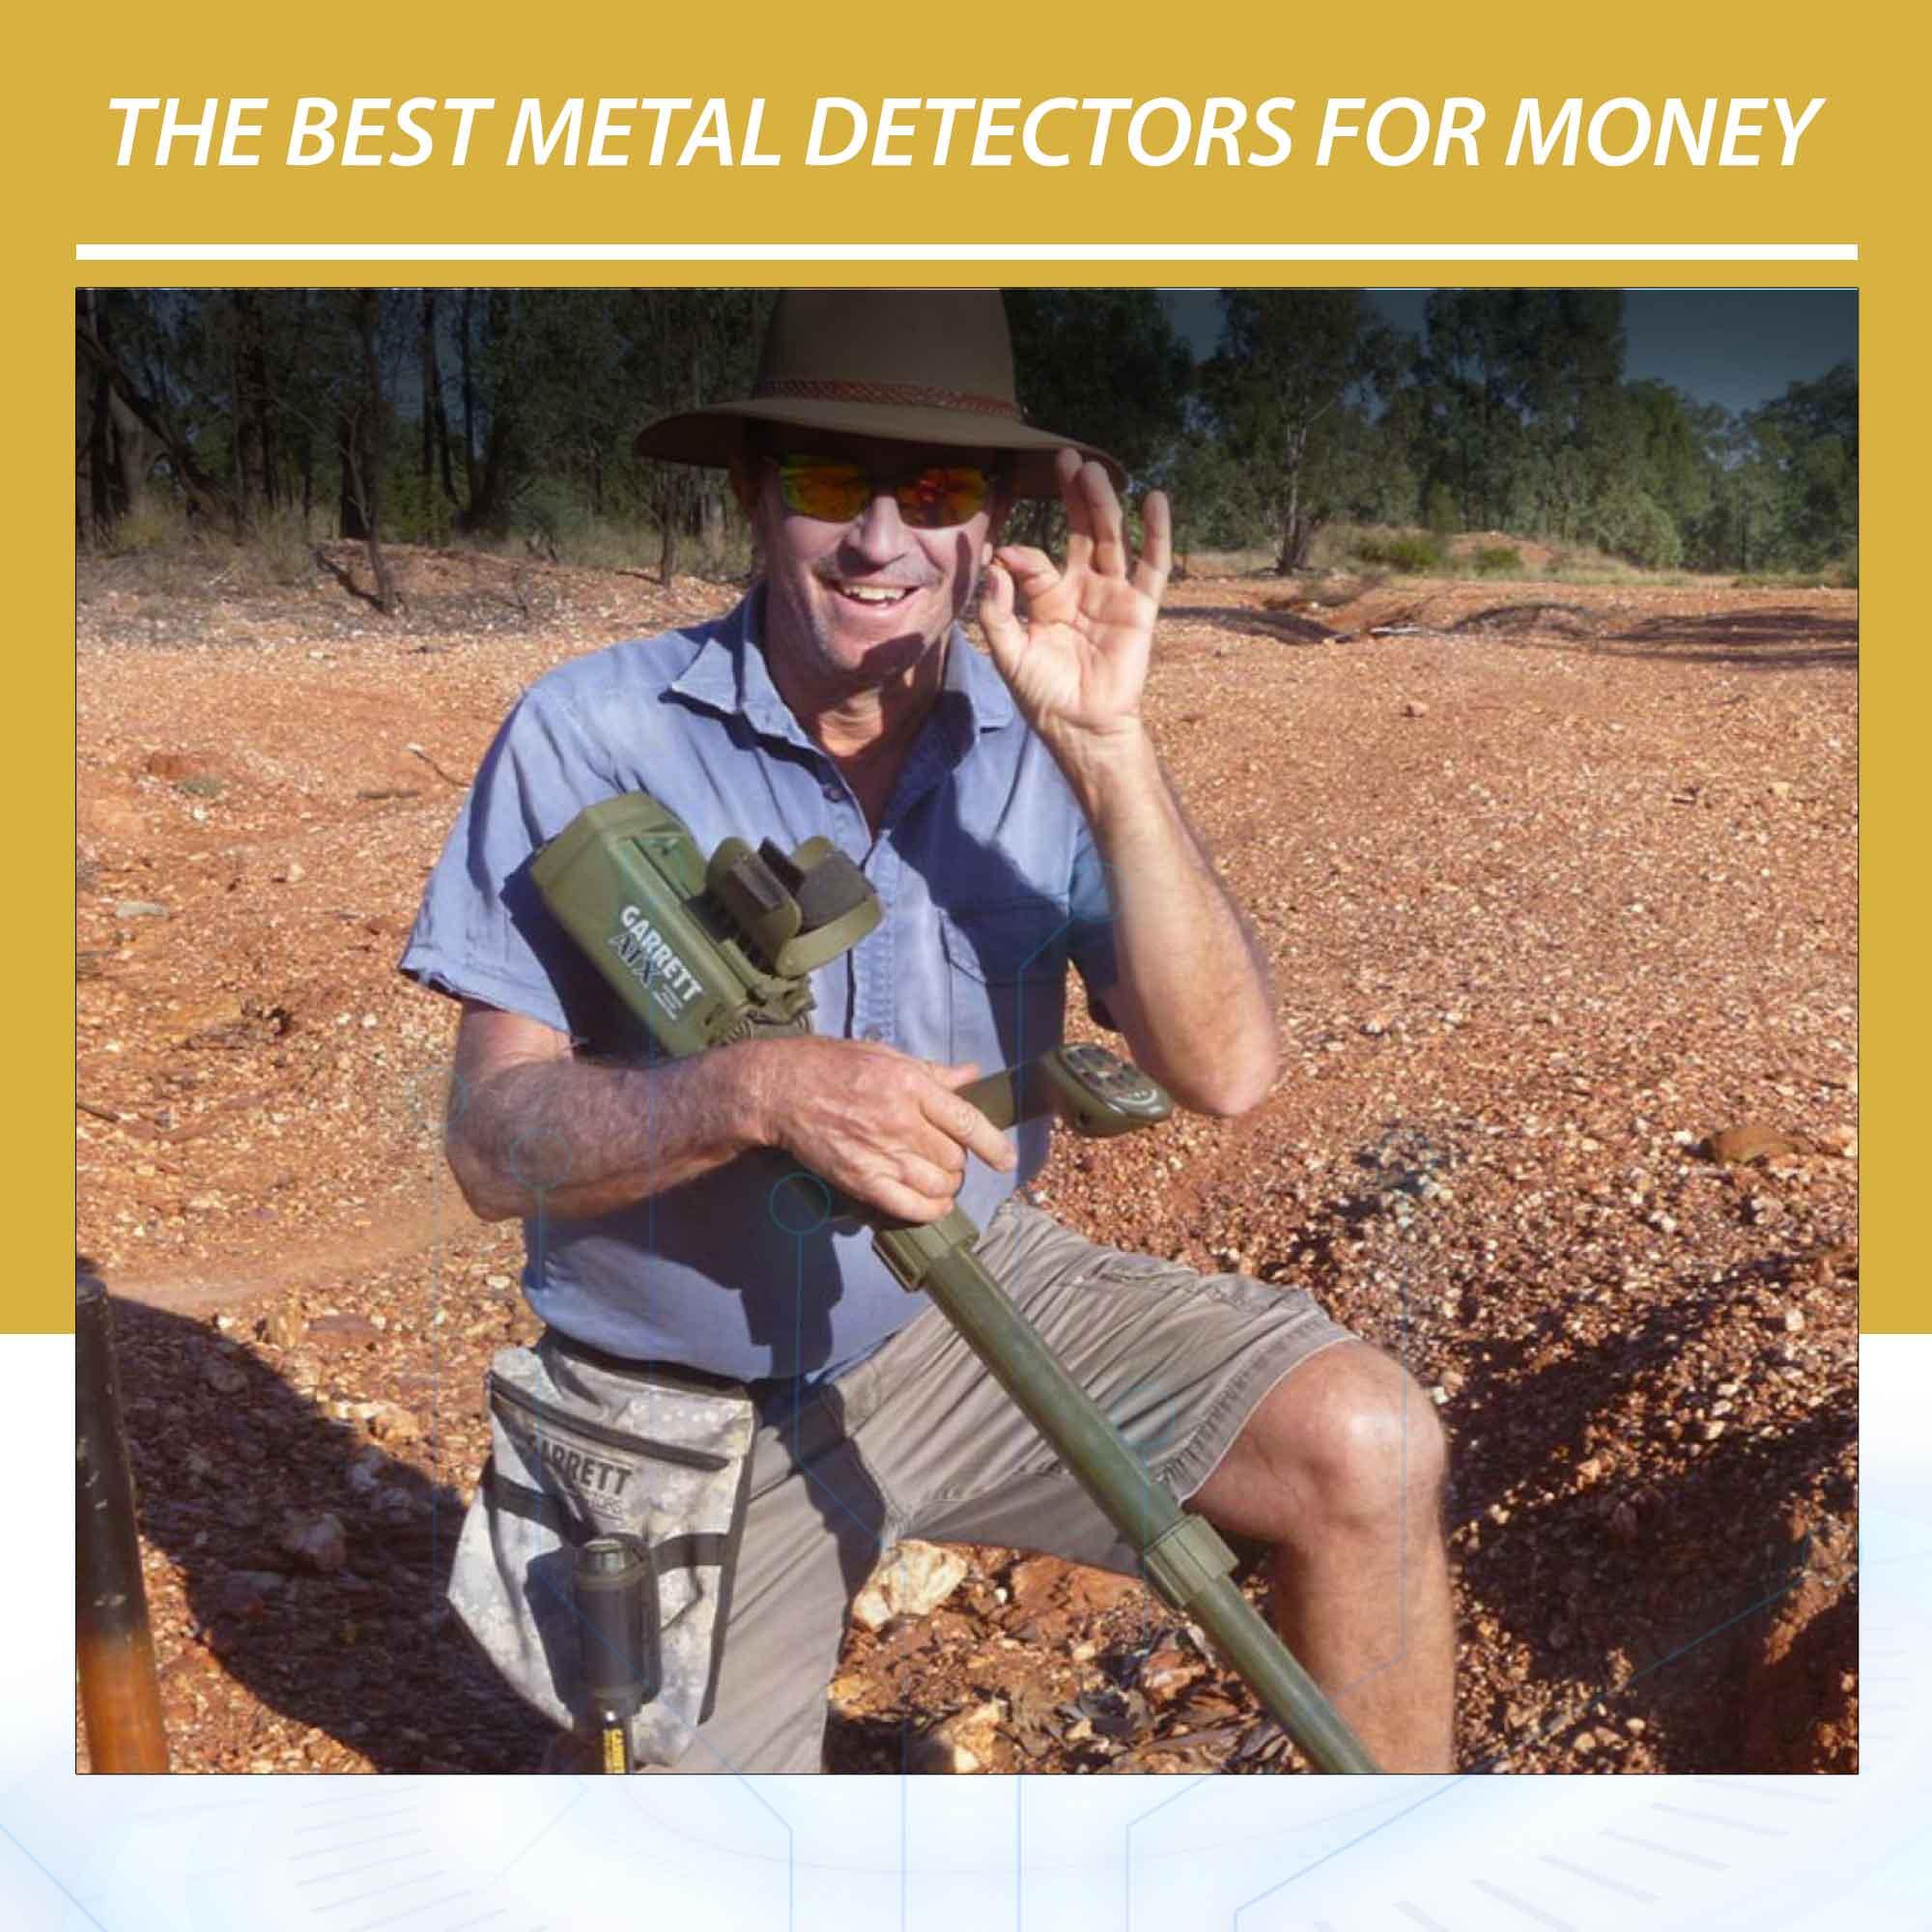 The best metal detectors for money